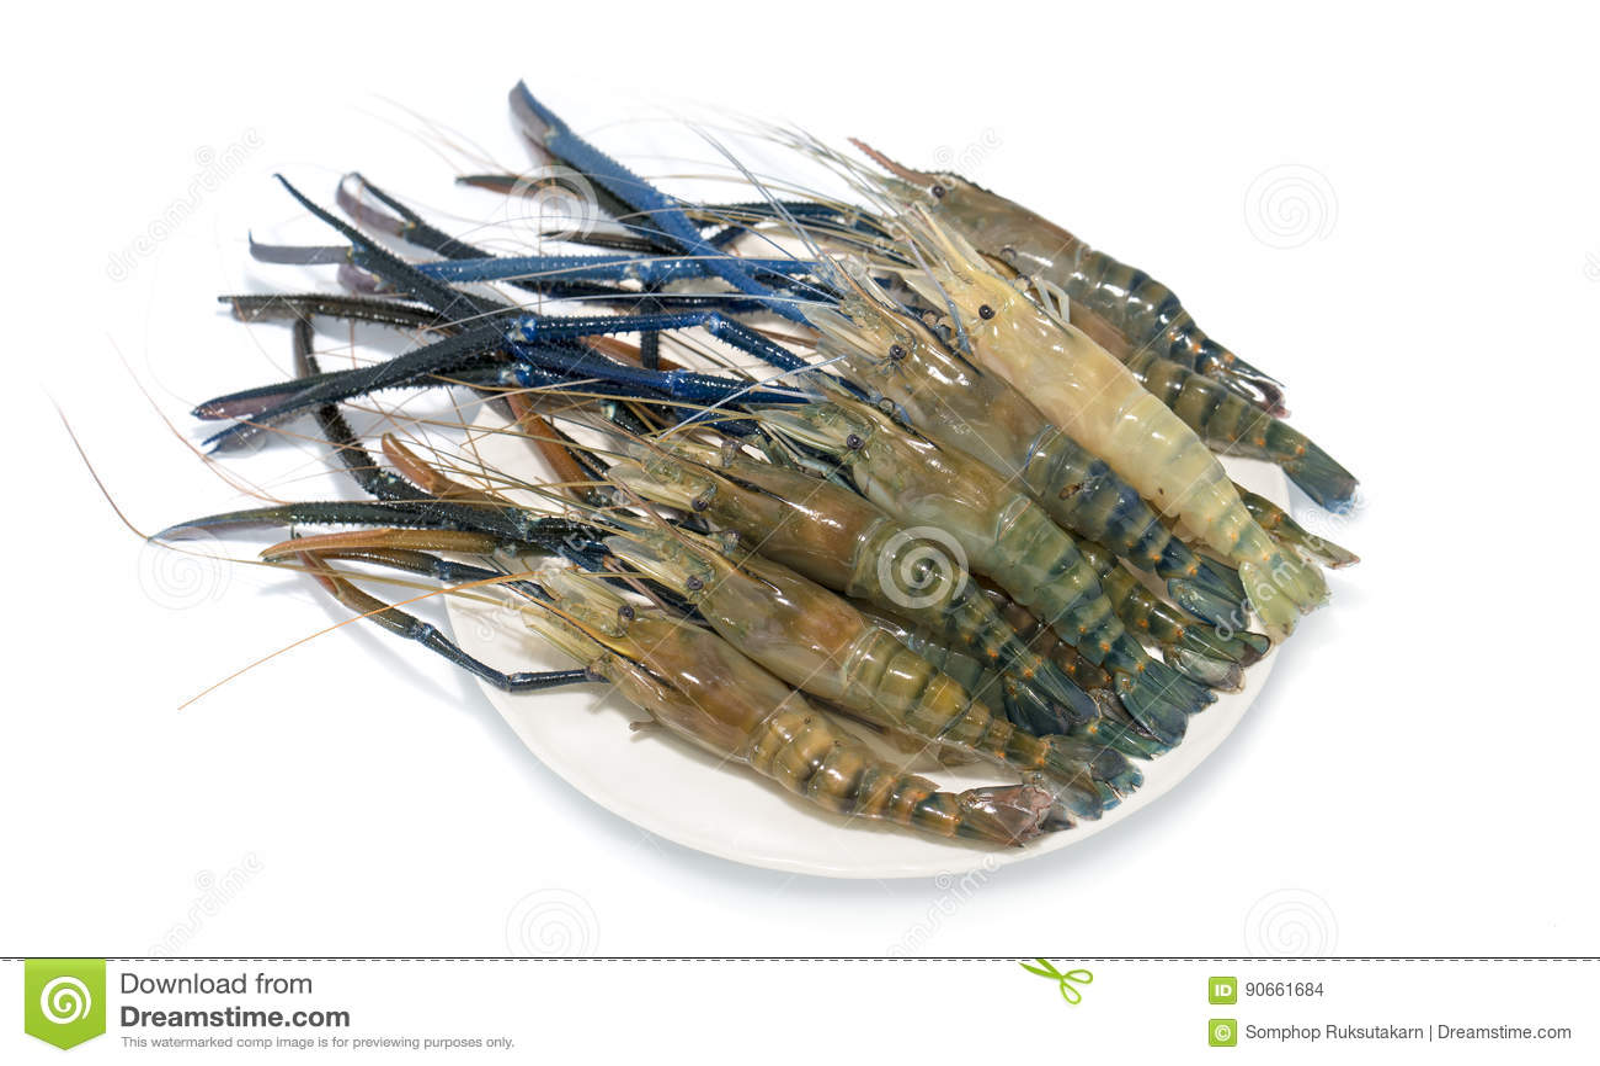 Raw giant freshwater prawn stock photo  Image of cuisine